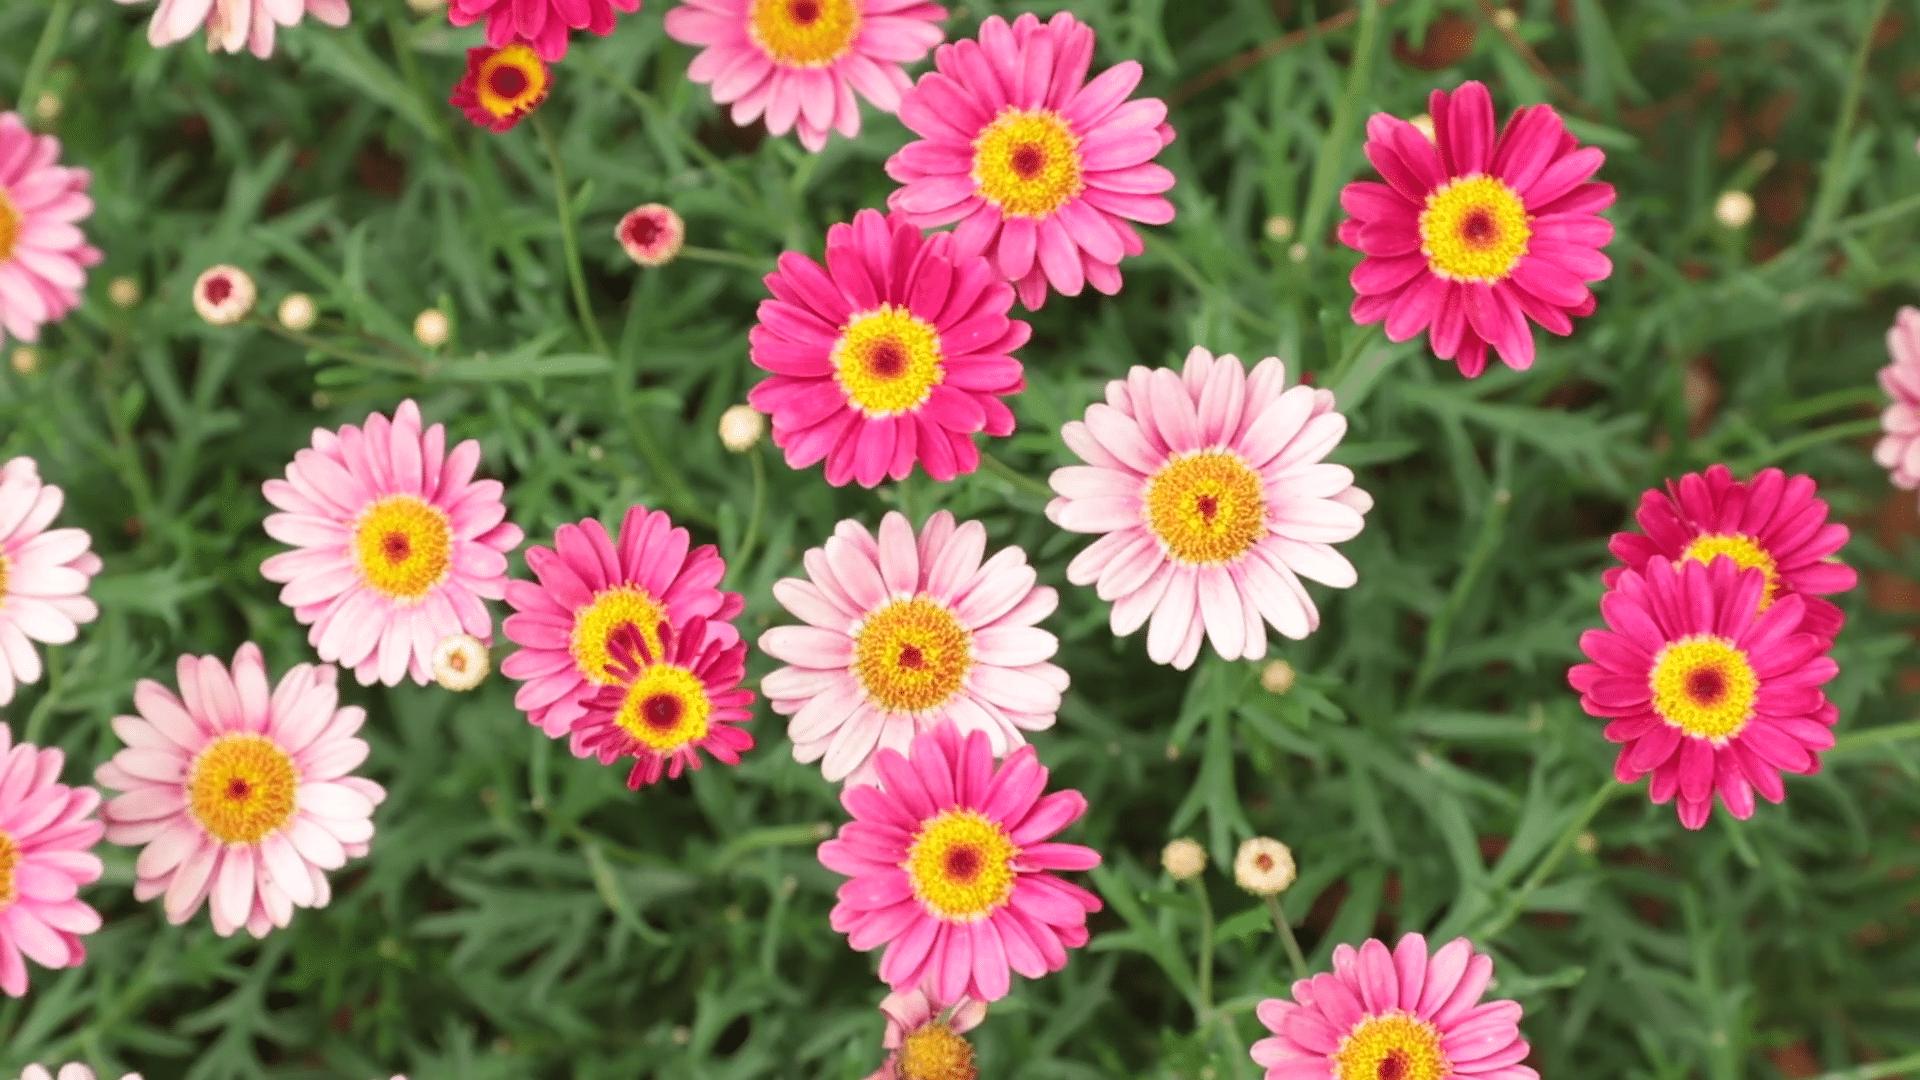 Marguerite Daisy. (Argyranthemum).